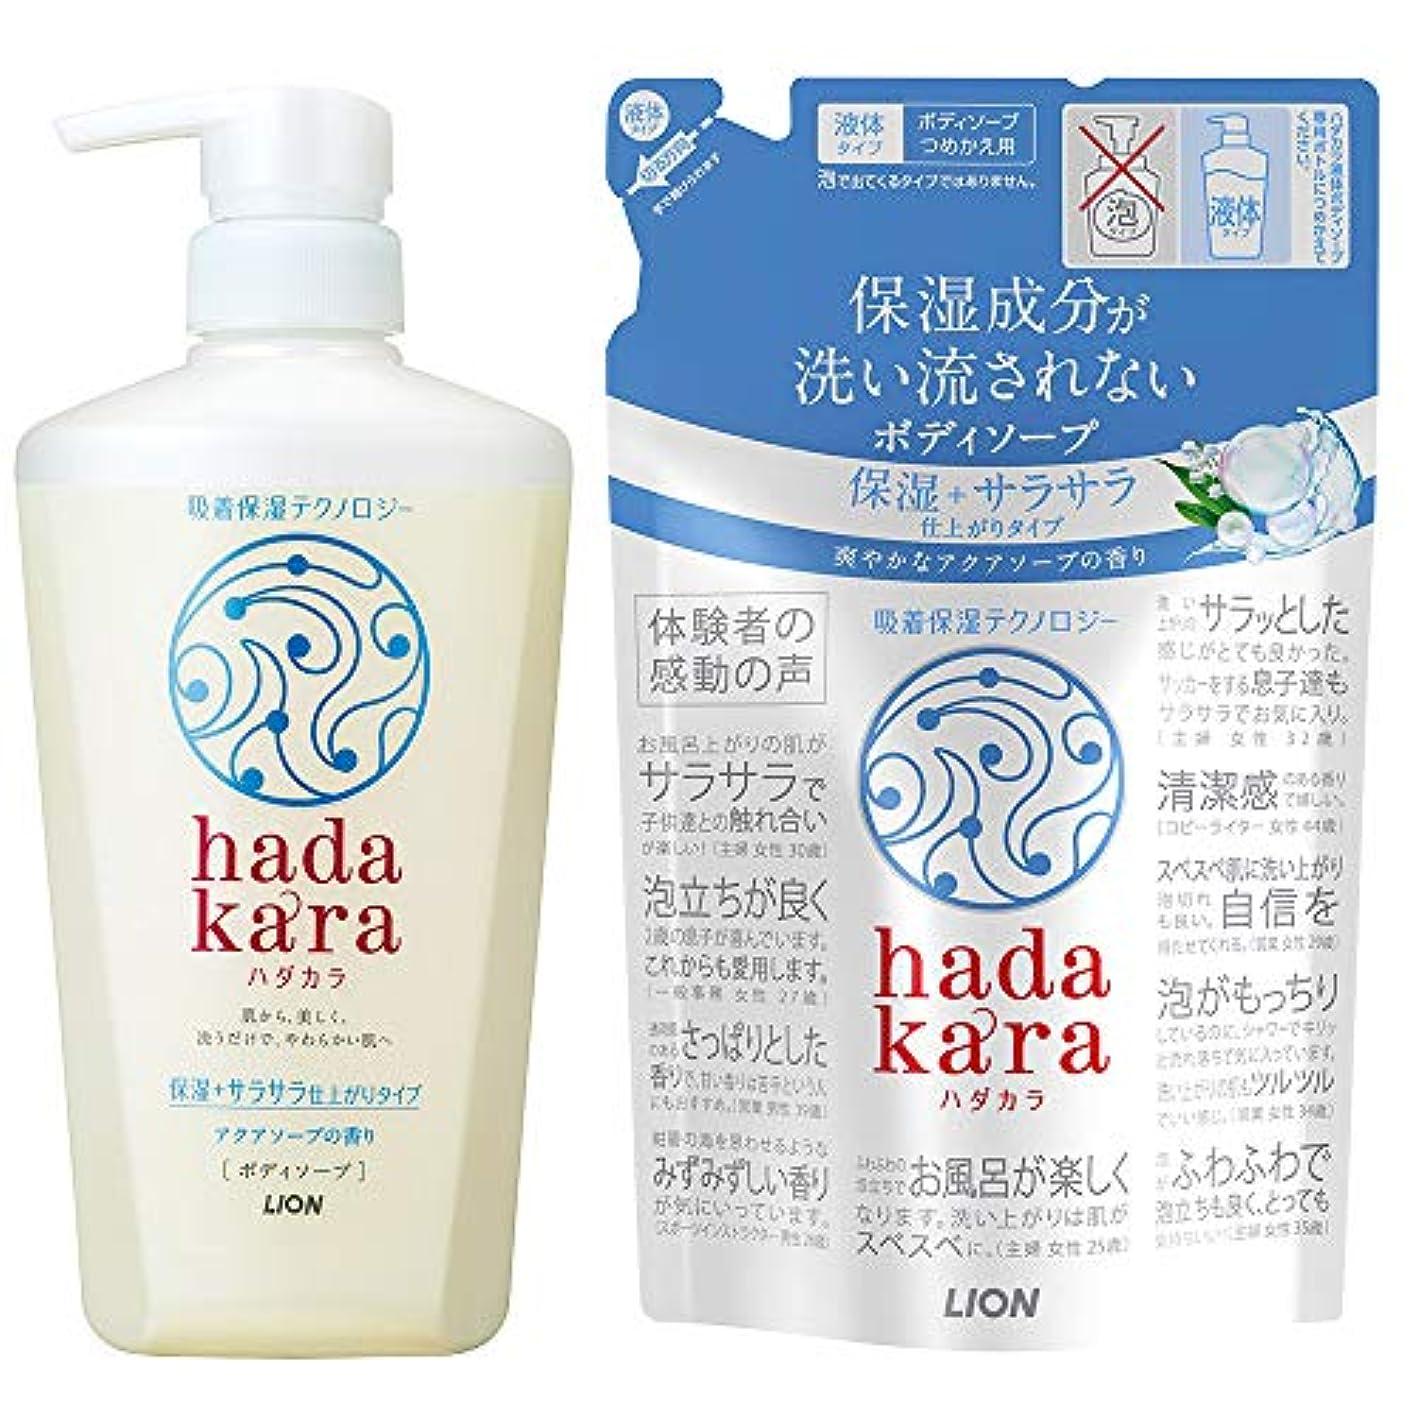 アルコーブ月面道徳hadakara(ハダカラ) ボディソープ 保湿+サラサラ仕上がりタイプ アクアソープの香り (本体480ml+つめかえ340ml) アクアソープ(保湿+サラサラ仕上がり) +